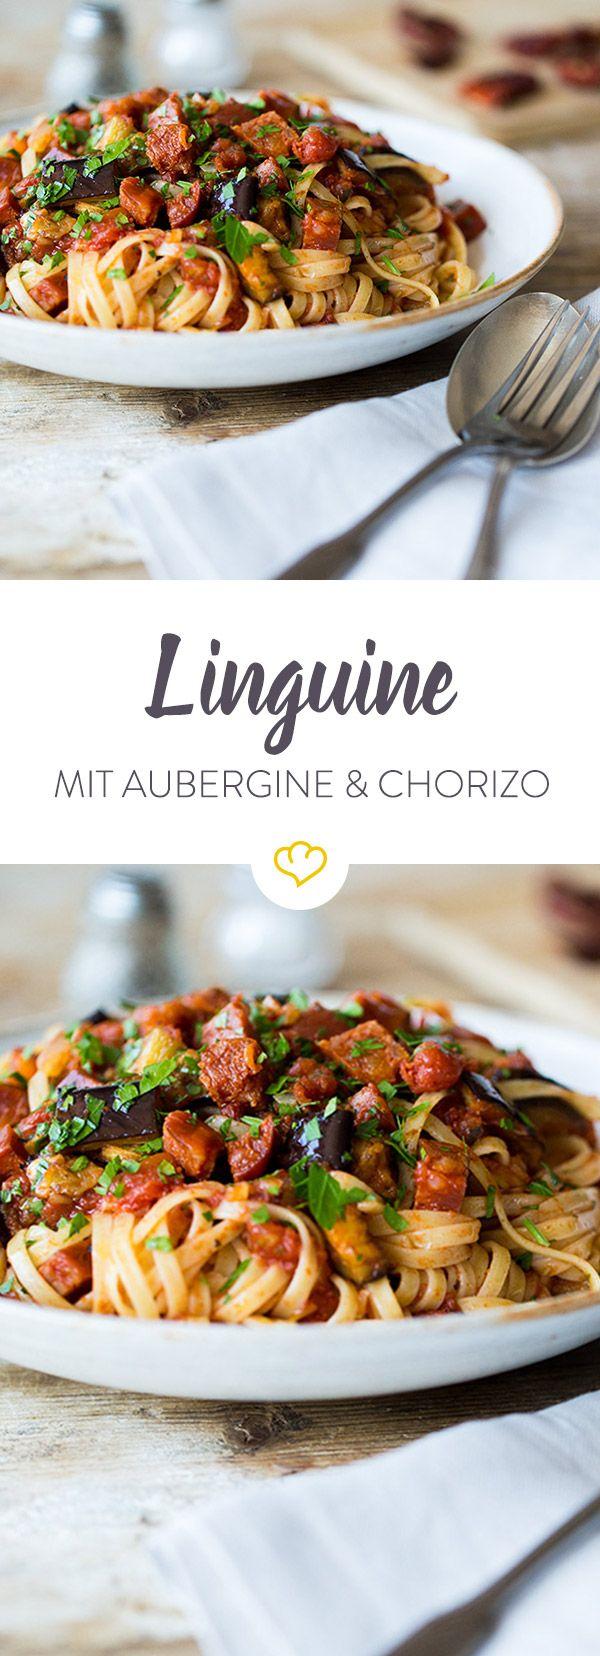 Manchmal darf es ein Portiönchen mehr an Schärfe sein. Mit Chorizo und einem feinen Hauch Chili trifft man da genau die richtige Wahl für das Pastagericht.